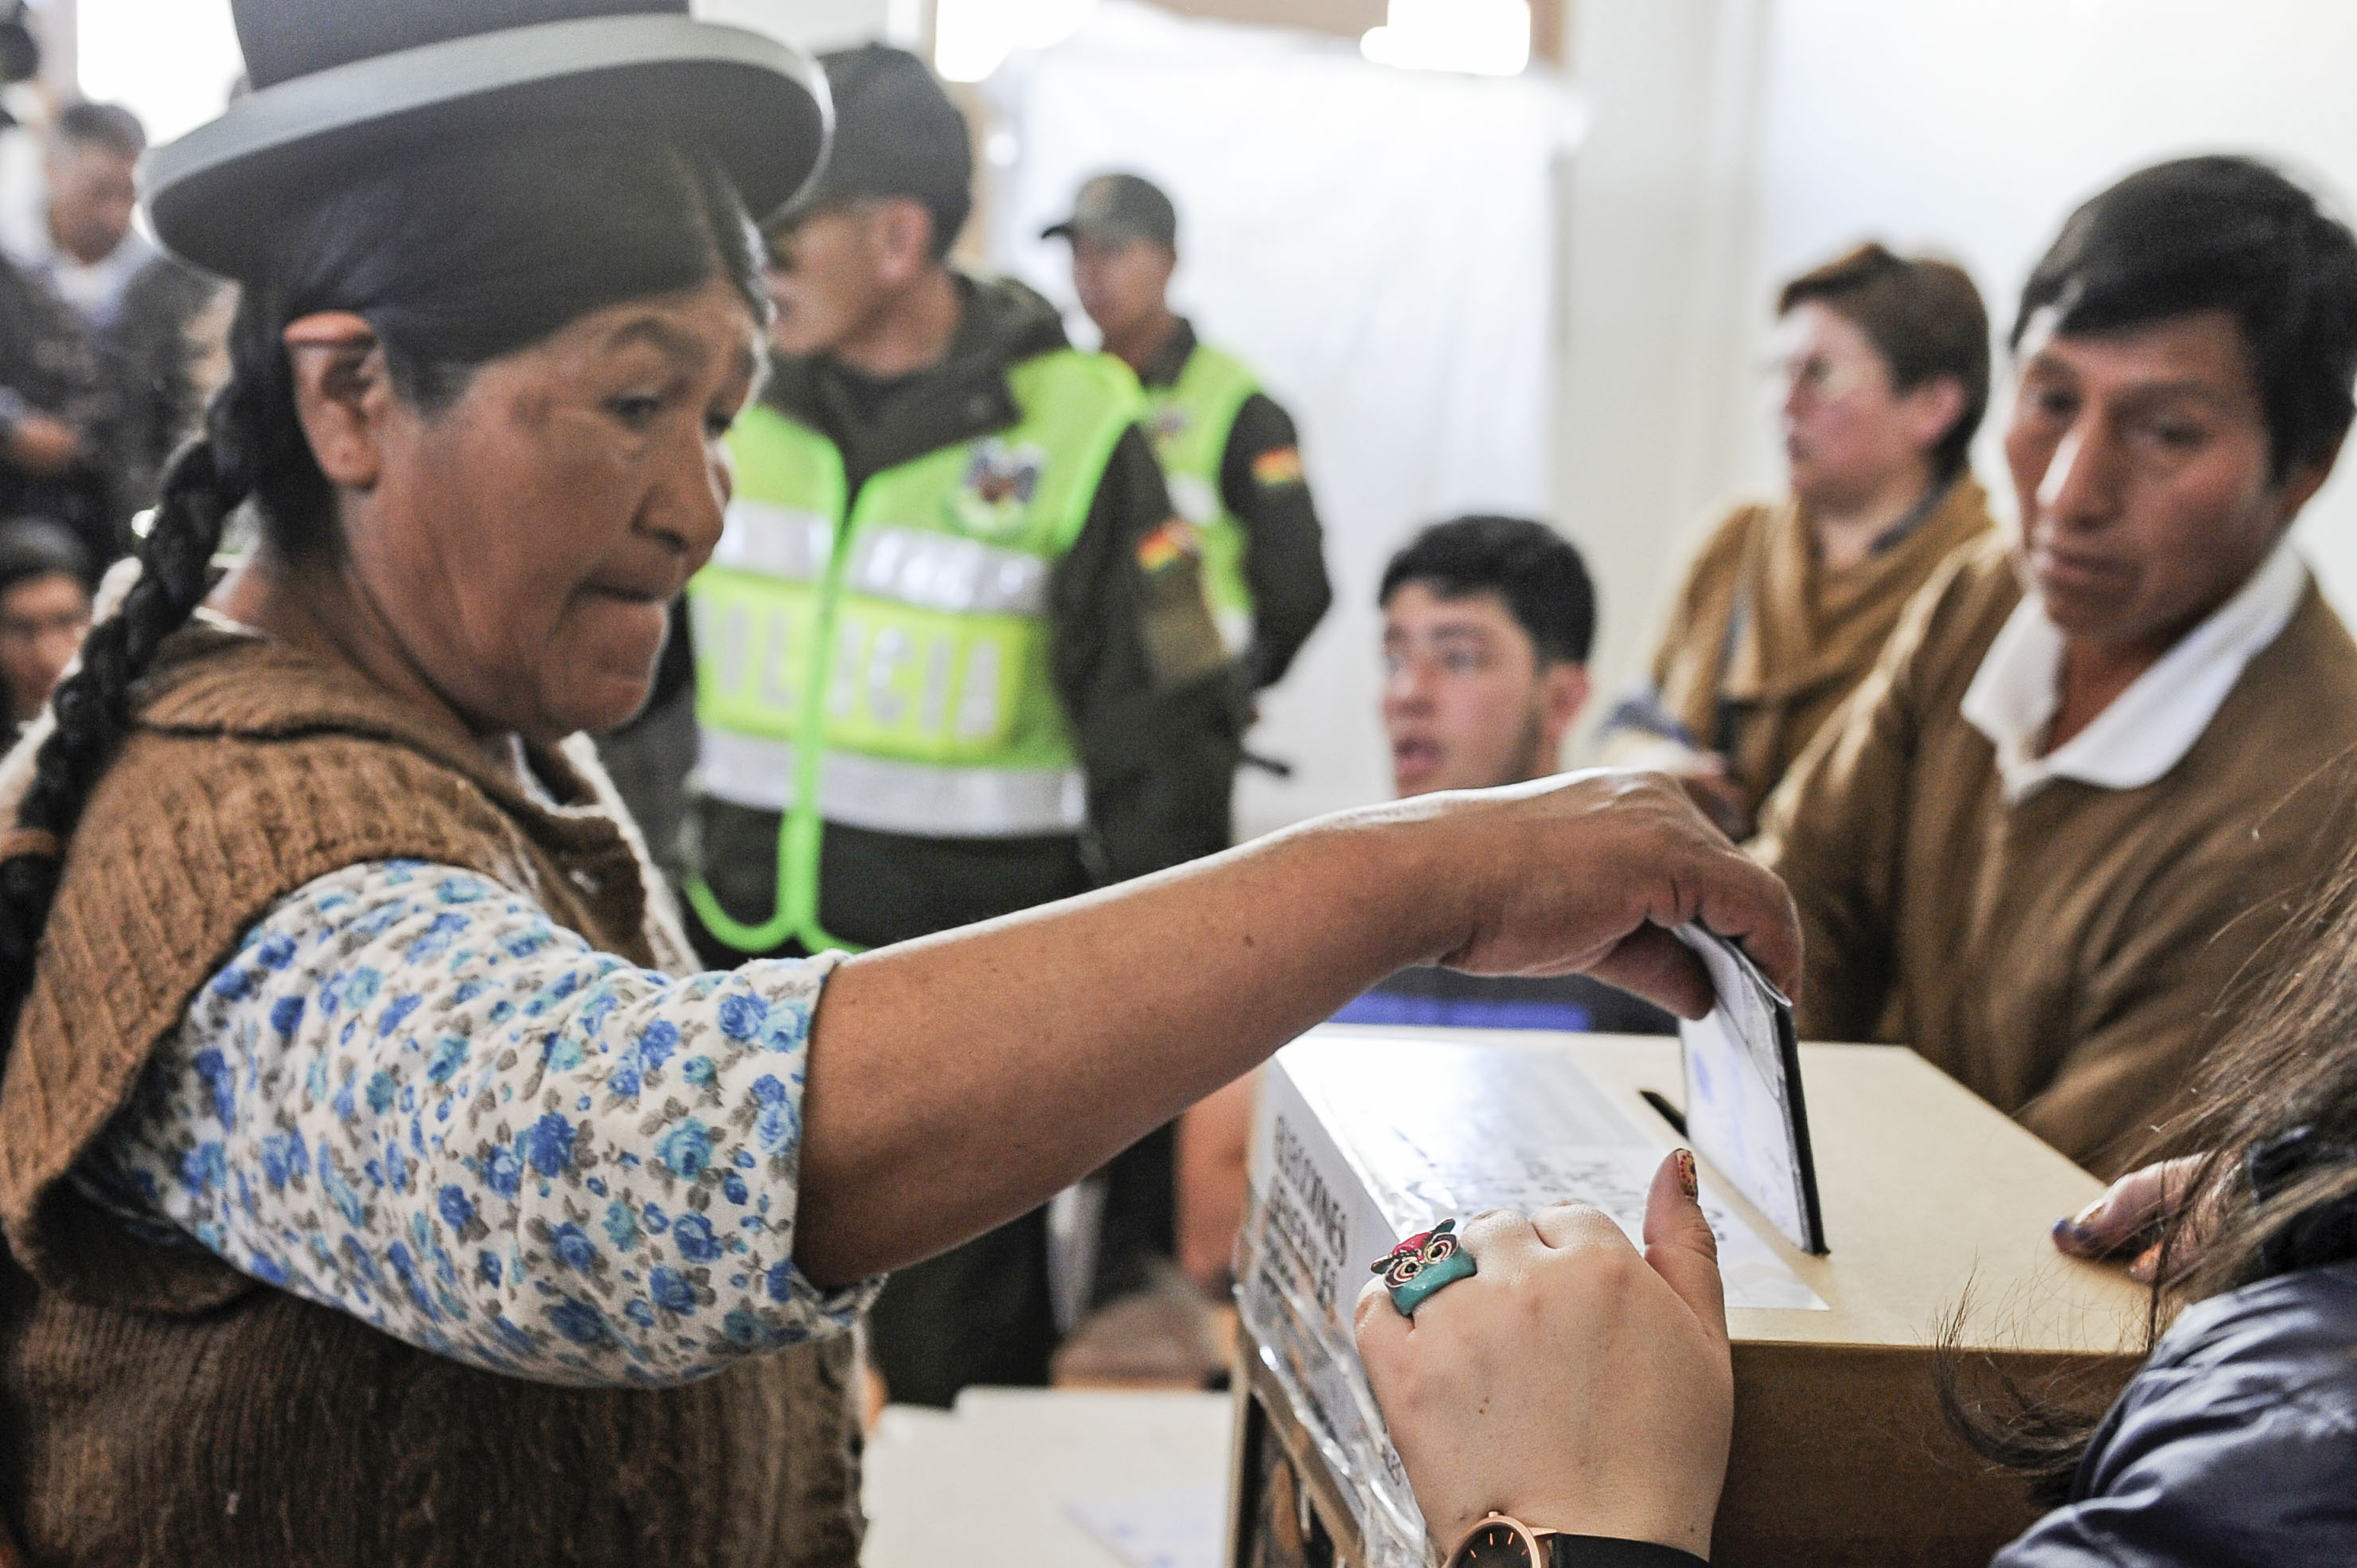 Los últimos sondeos en Bolivia dejan la puerta abierta a una segunda vuelta  electoral - Infobae